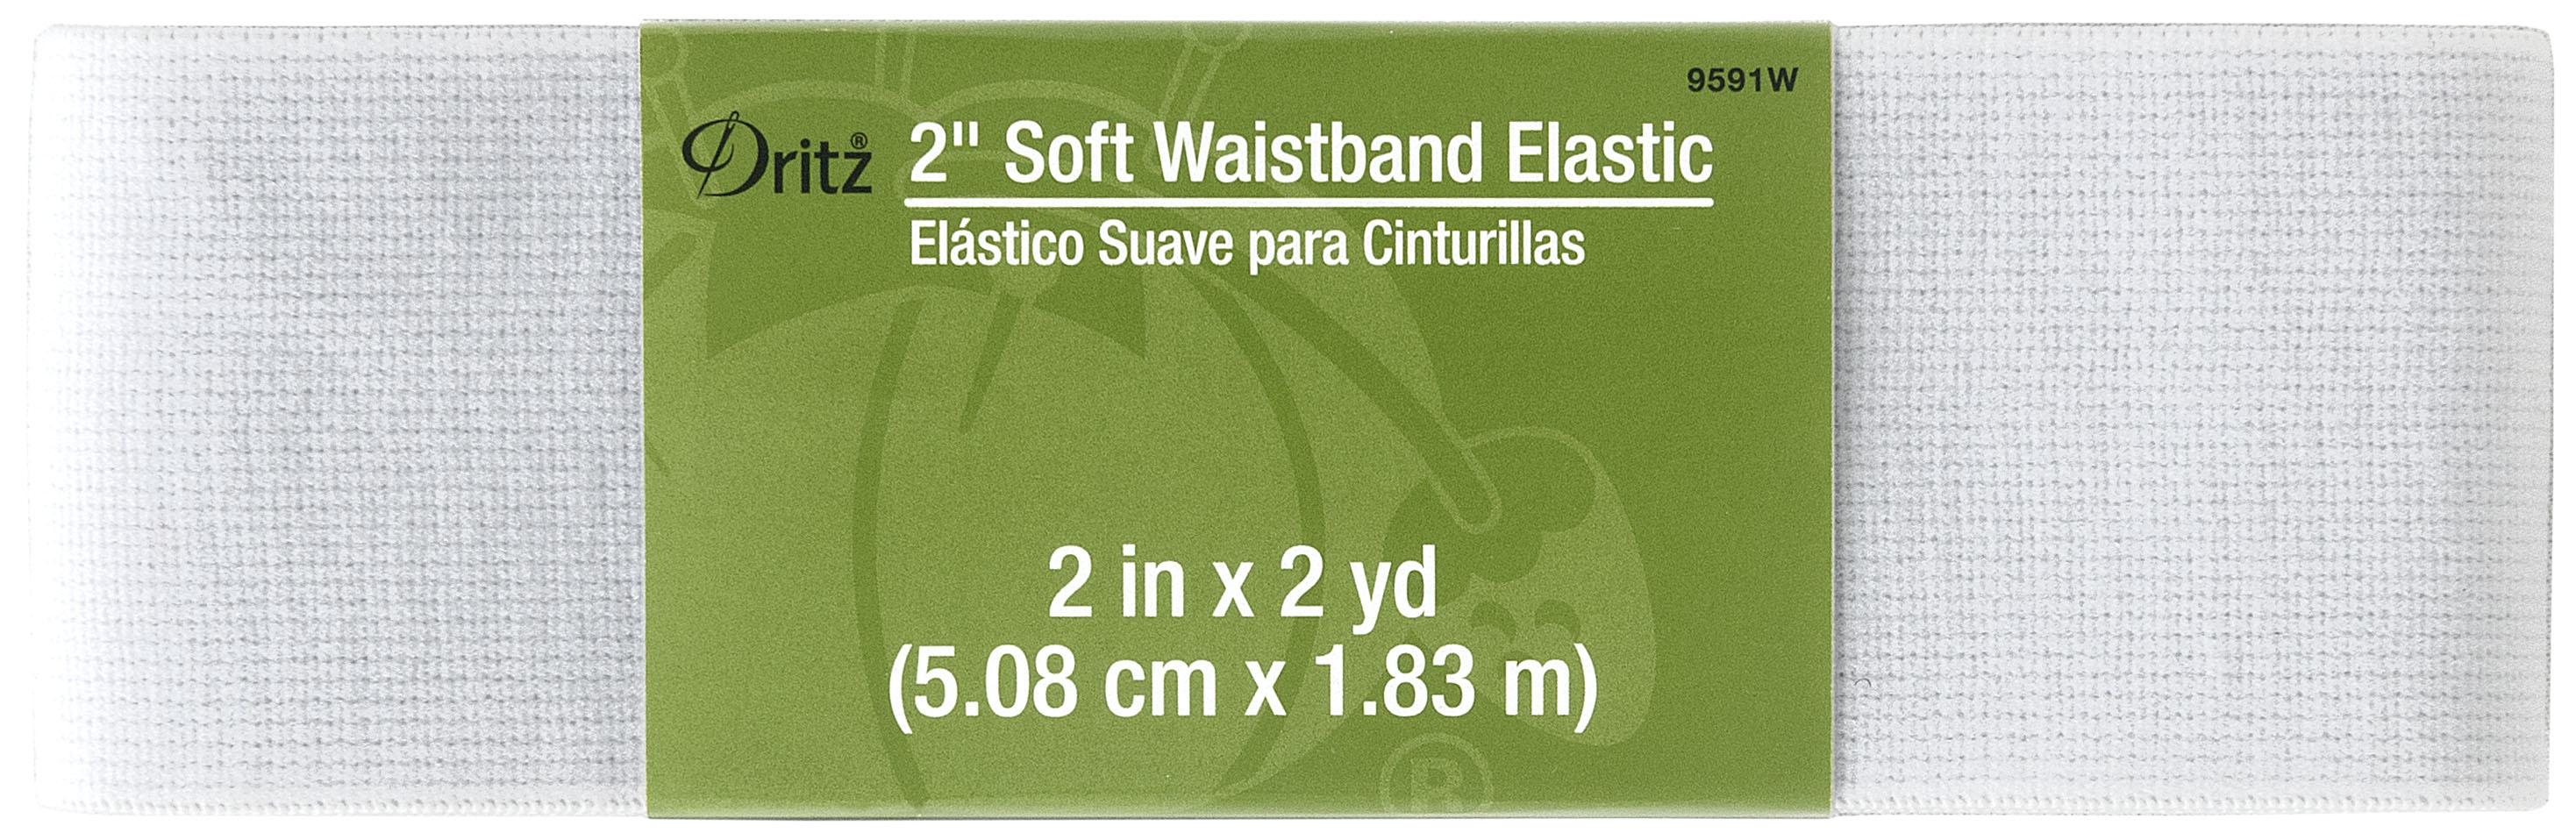 Soft Waistband Elastic - 2 x 2yds - White